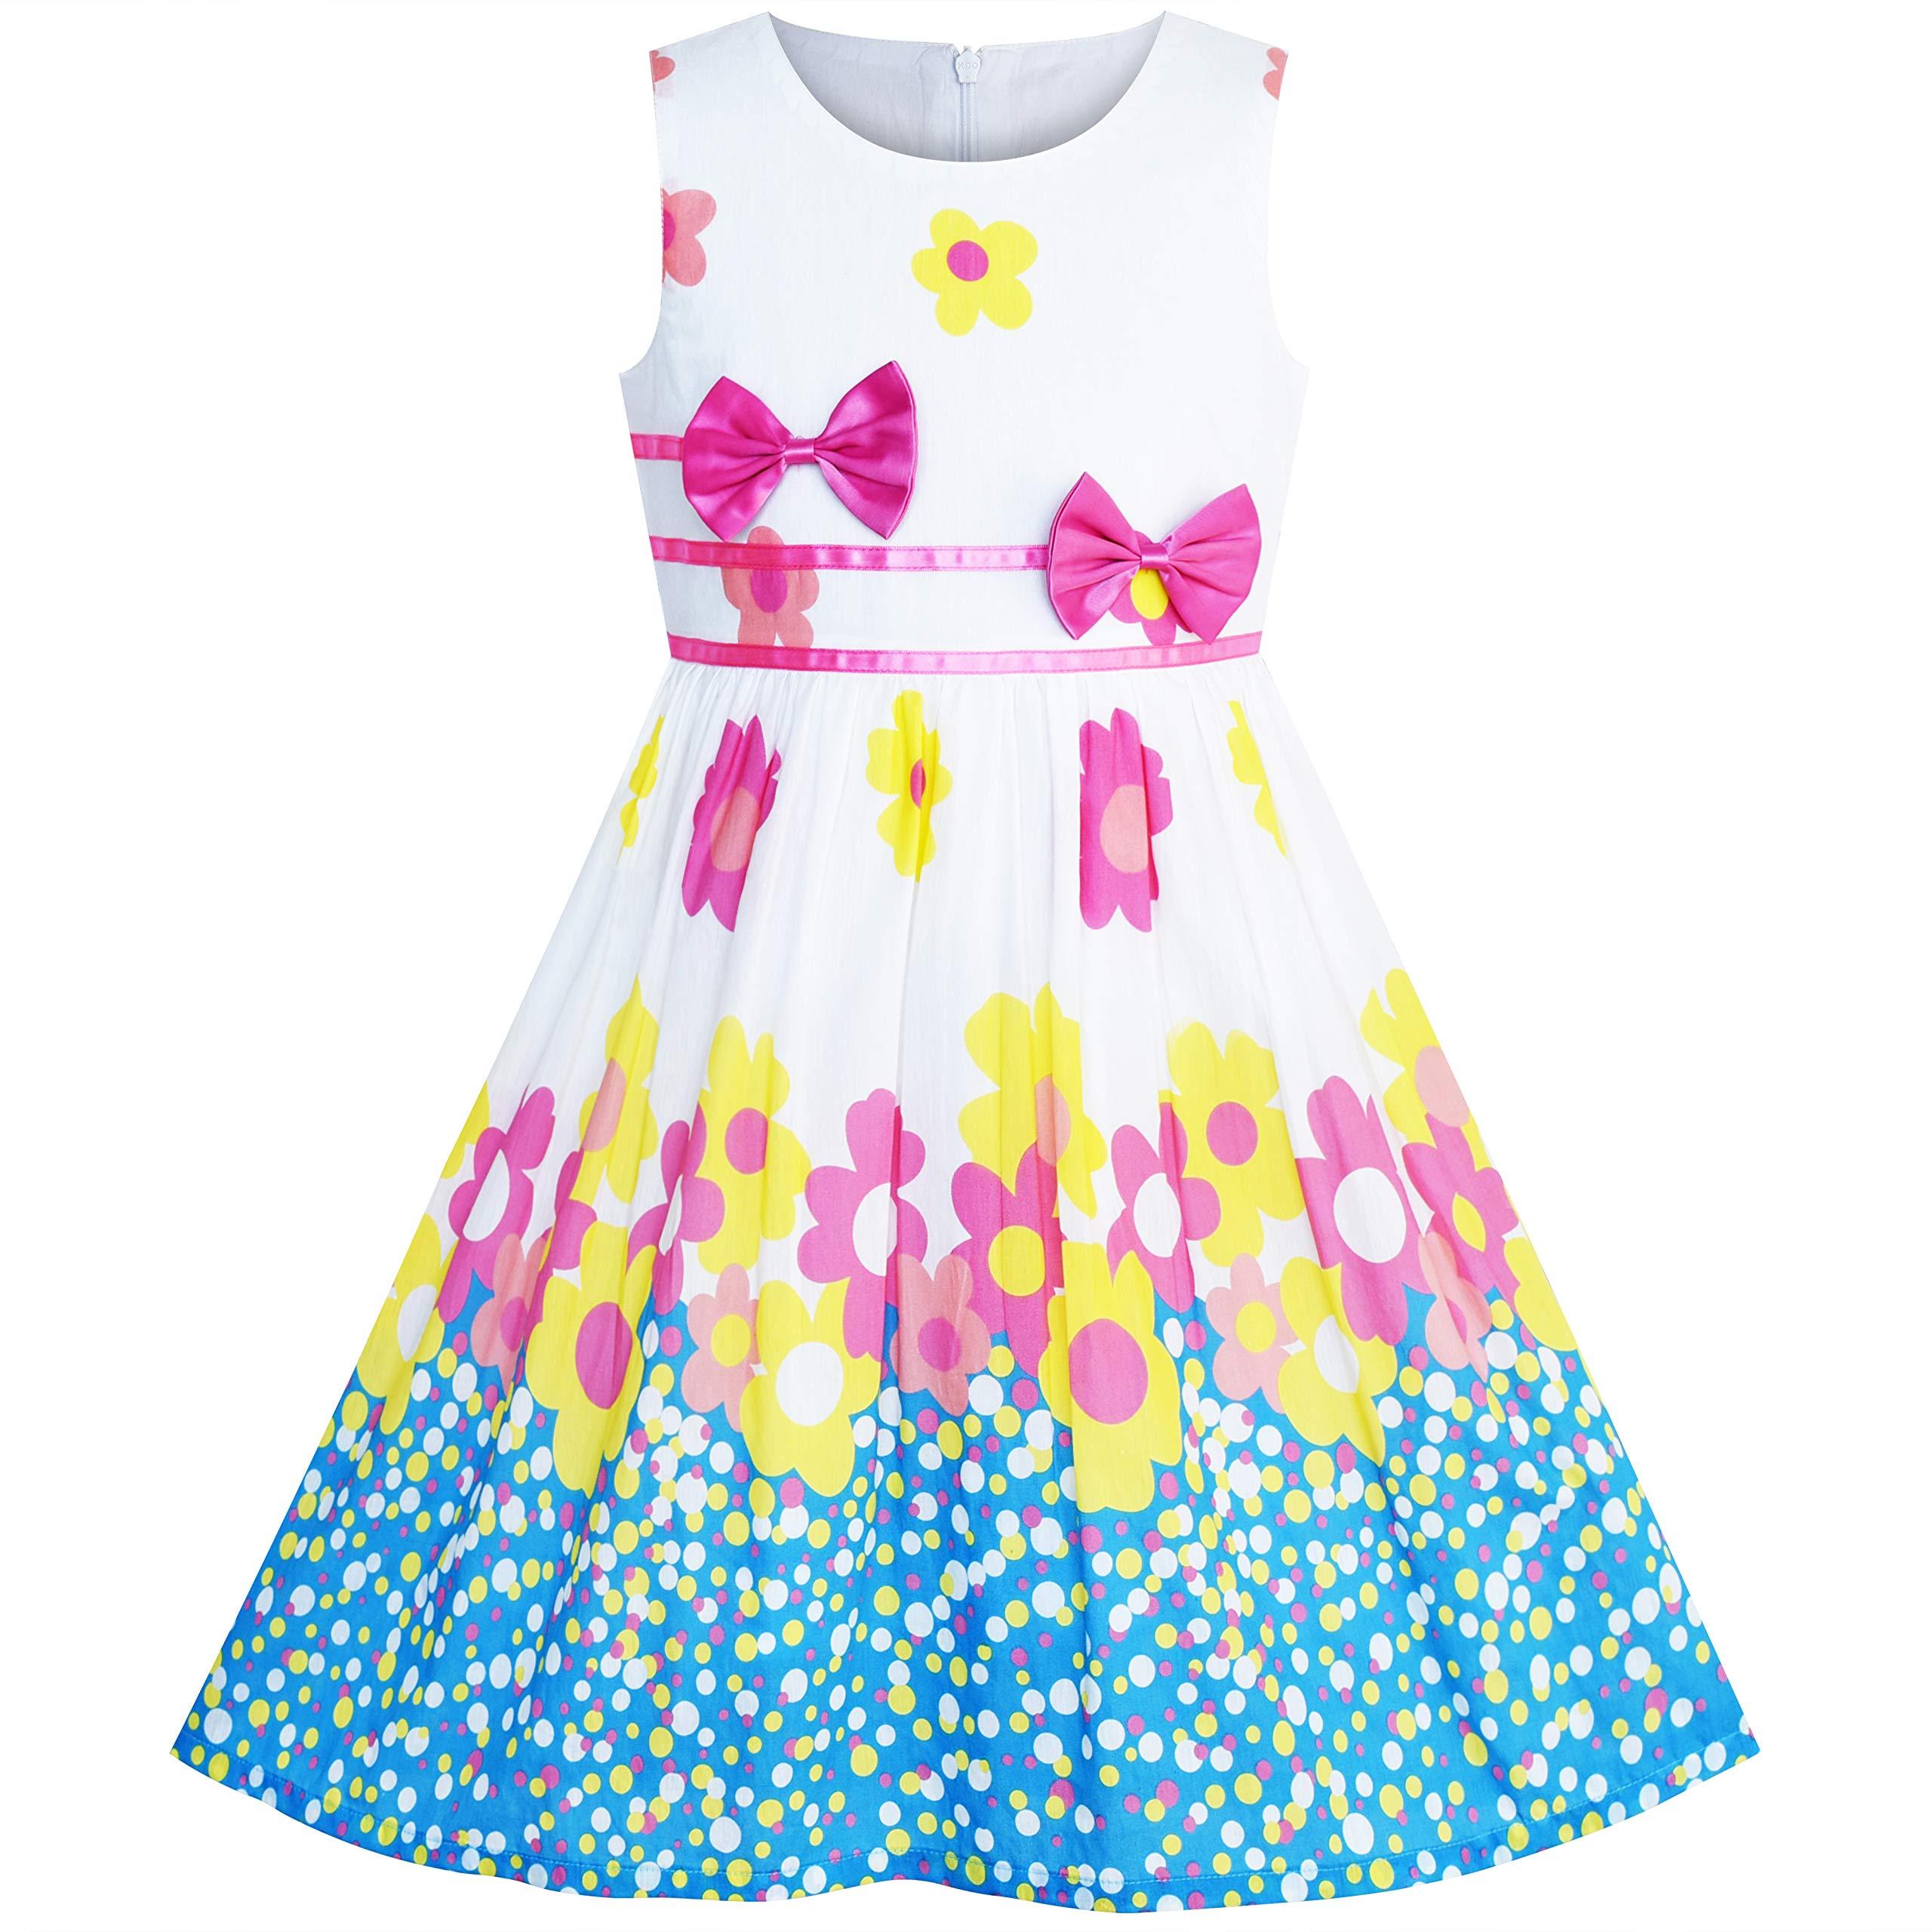 d88c56834a8d1 Sunny Fashion Robe Fille Pourpre Rose Fleur Double Nœud Papillon Partie  Enfants Robe d'été